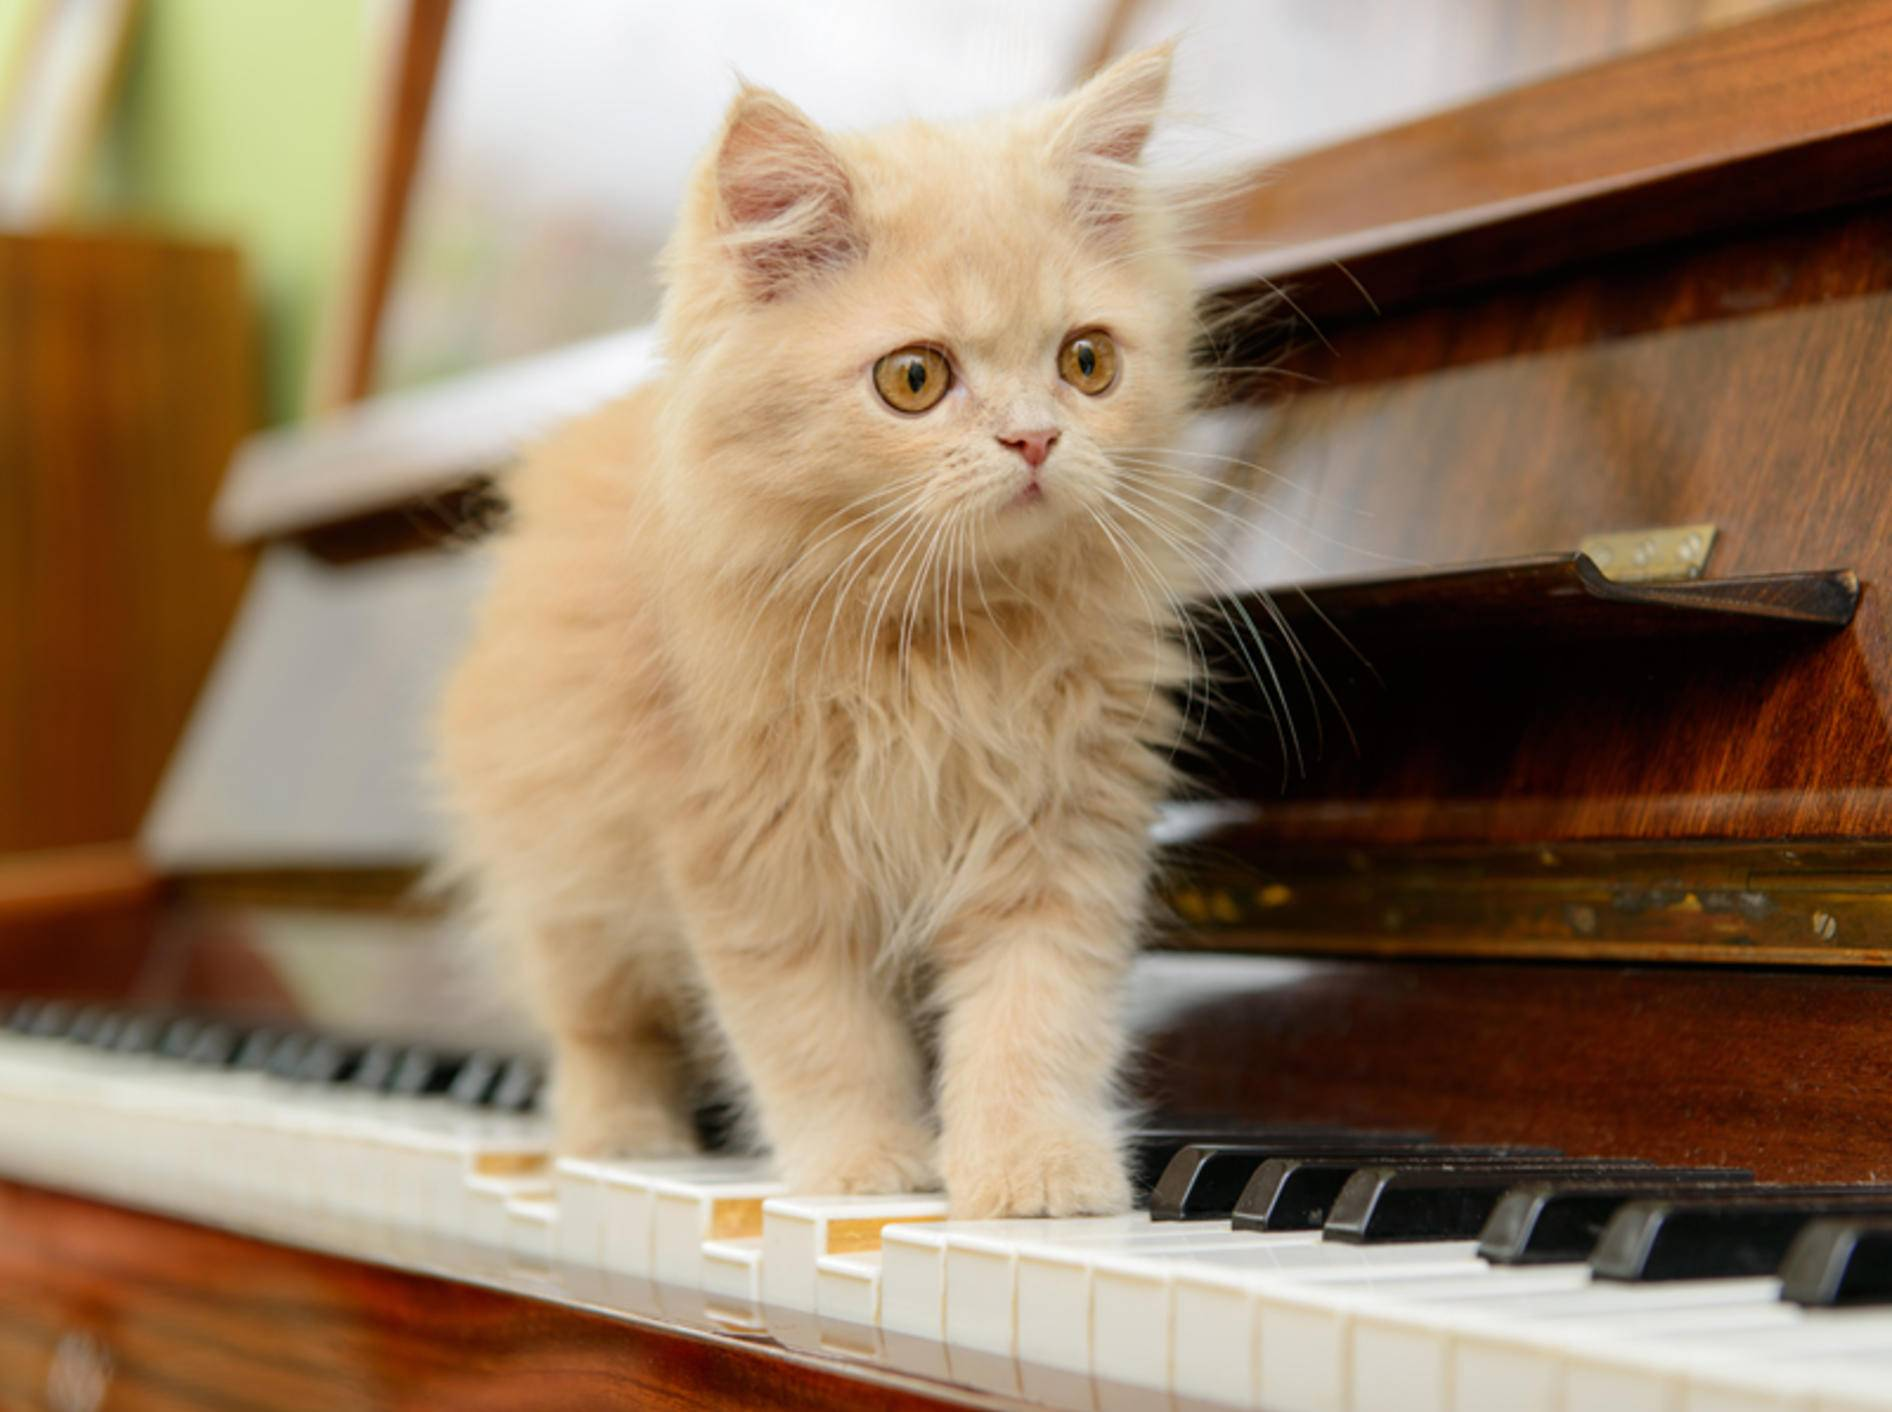 Welche Musik hören Katzen am liebsten? Diese Minimiez mag wohl am liebsten Klavierklänge – Shutterstock / Inna Astakhova